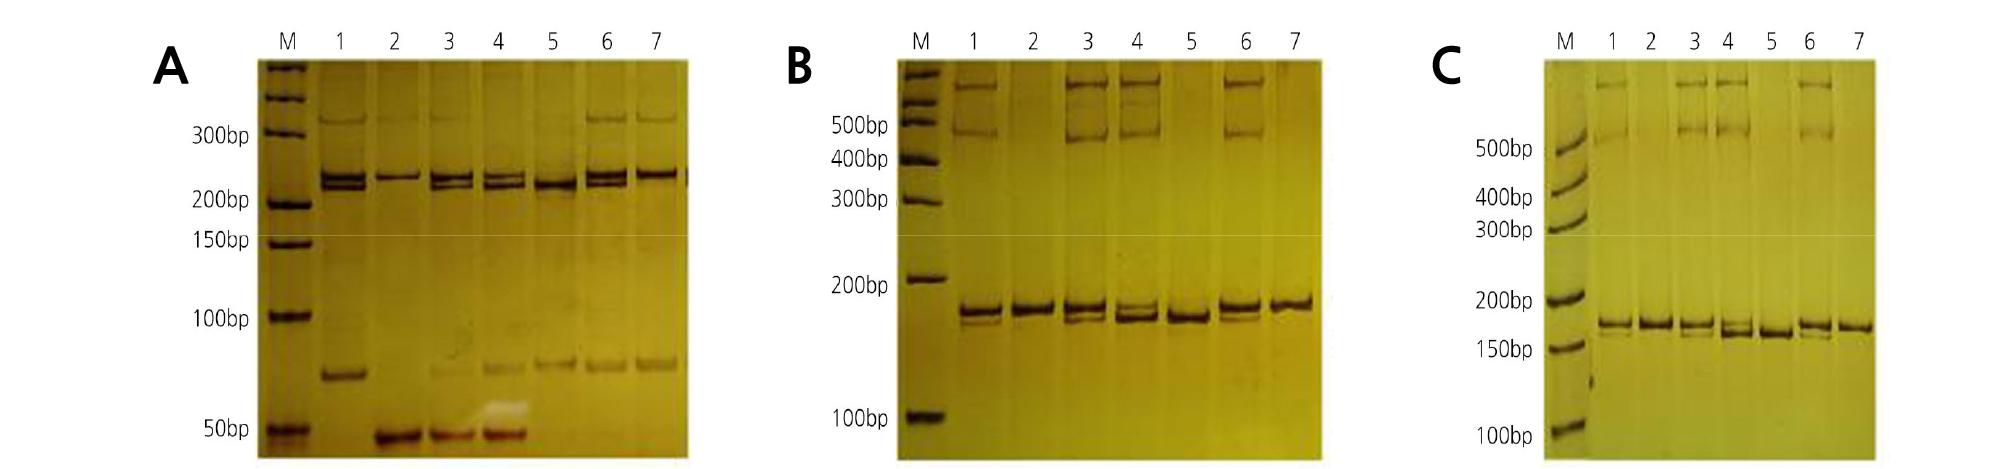 http://static.apub.kr/journalsite/sites/kshs/2020-038-01/N0130380111/images/HST_38_01_11_F8.jpg